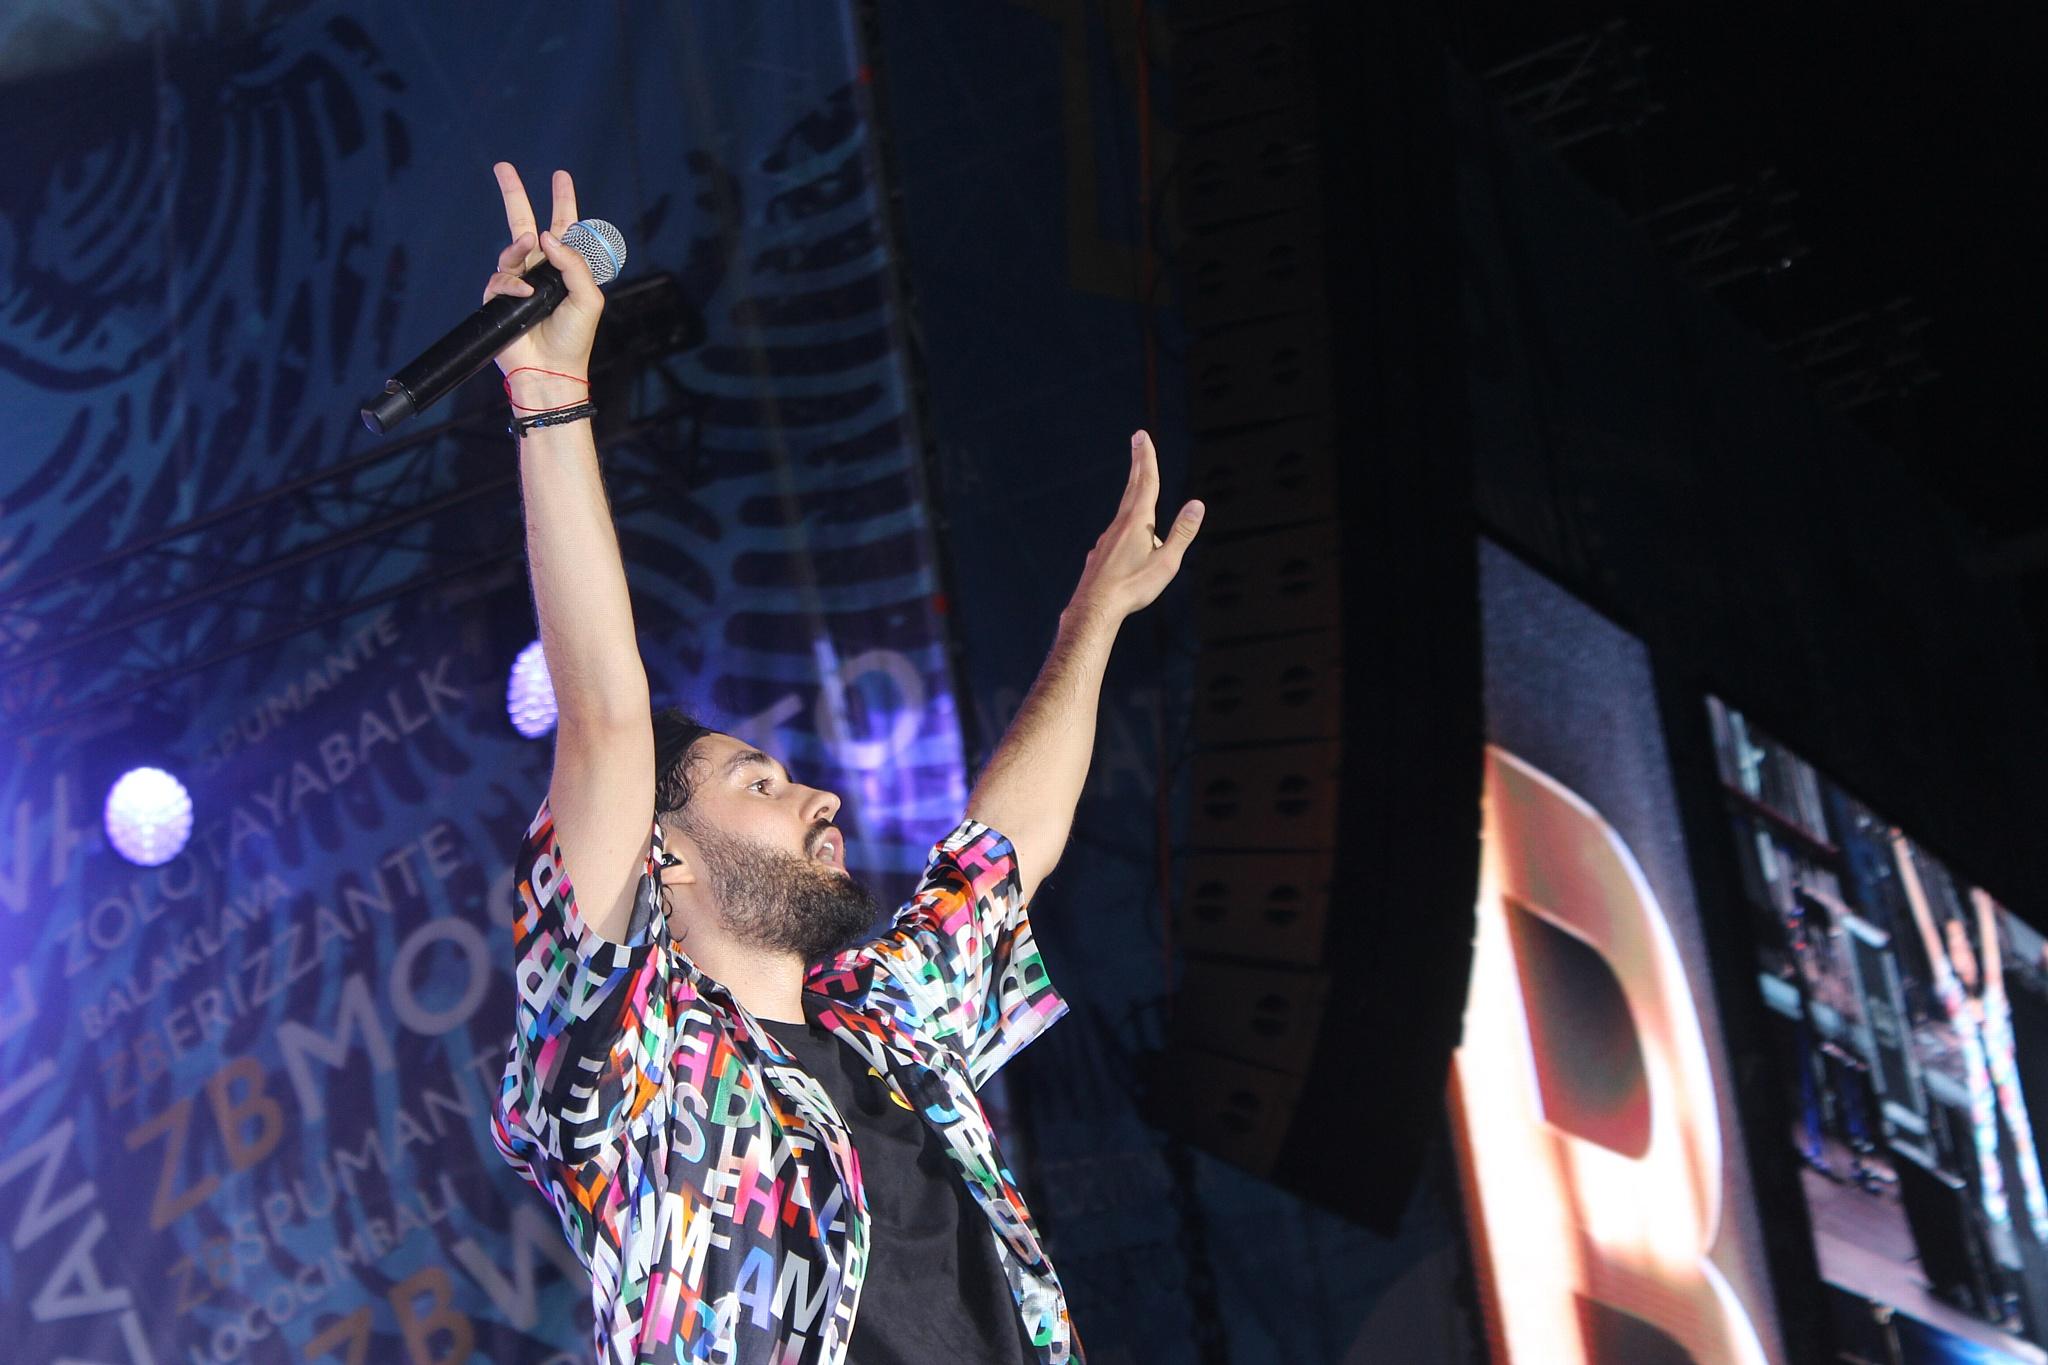 Фестиваль ZBFest 2019: звезды российской эстрады и 30 тысяч зрителей зажгли крымскую ночь